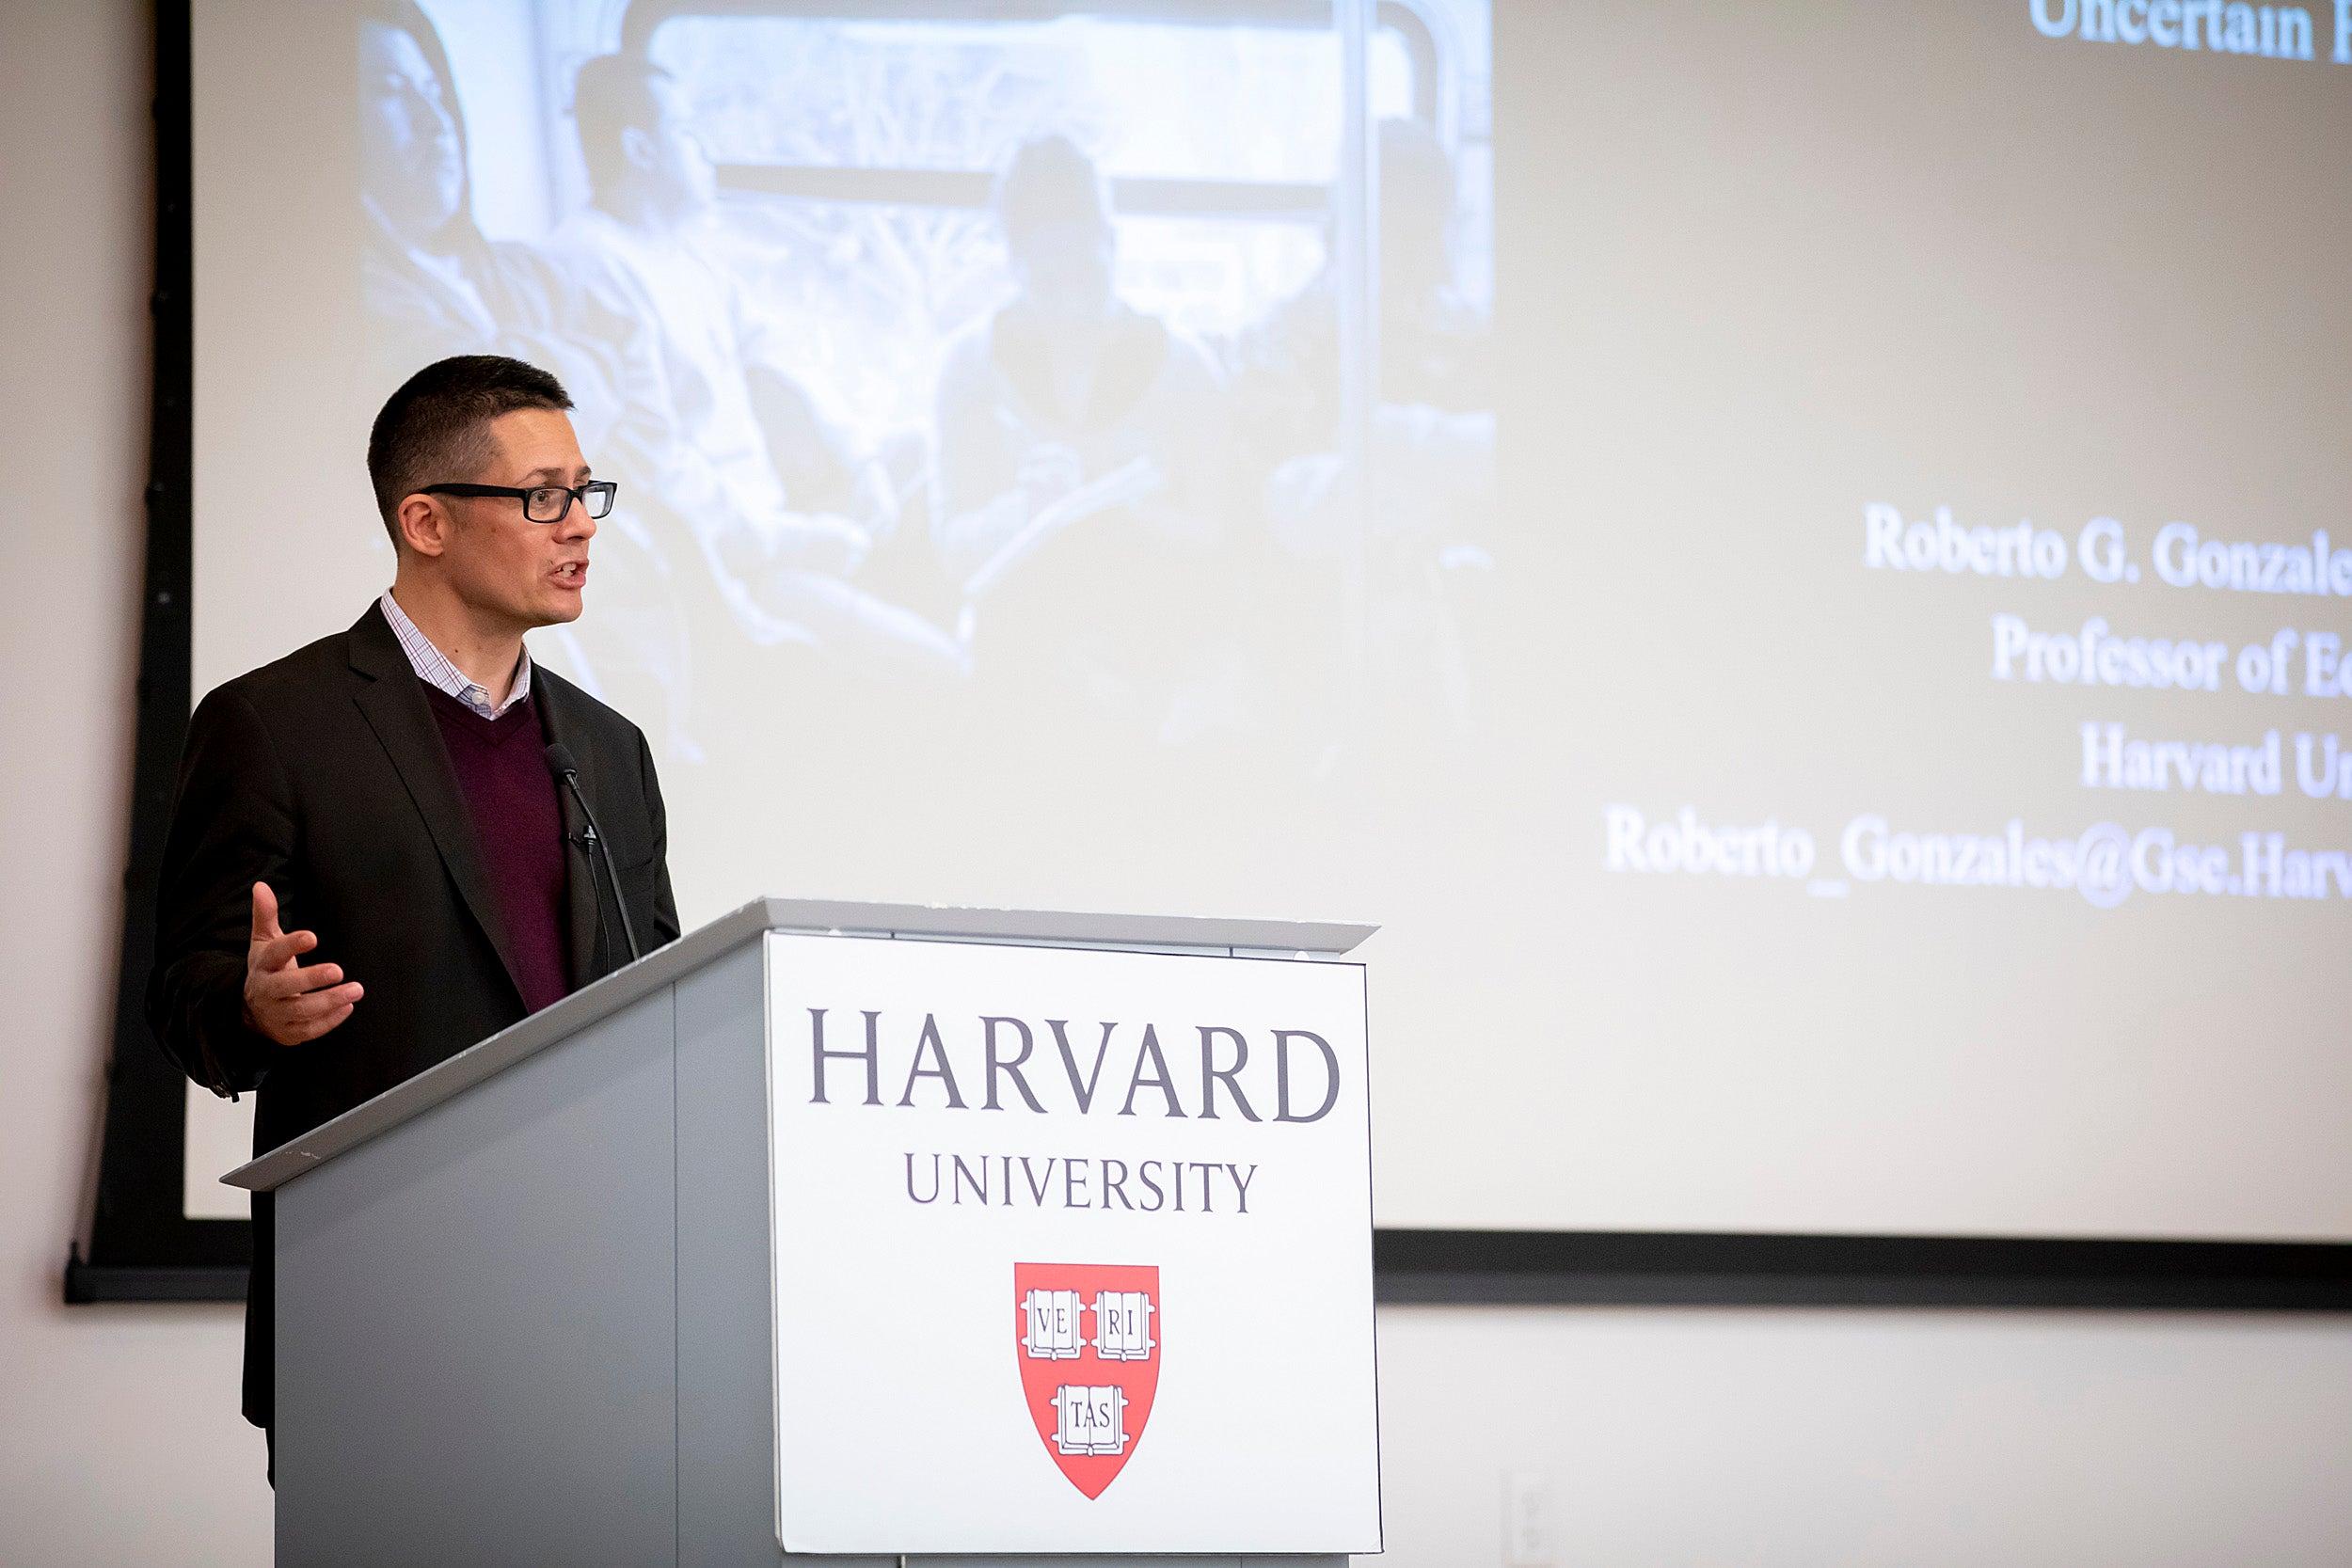 Roberto Gonzales gives presentation at podium.